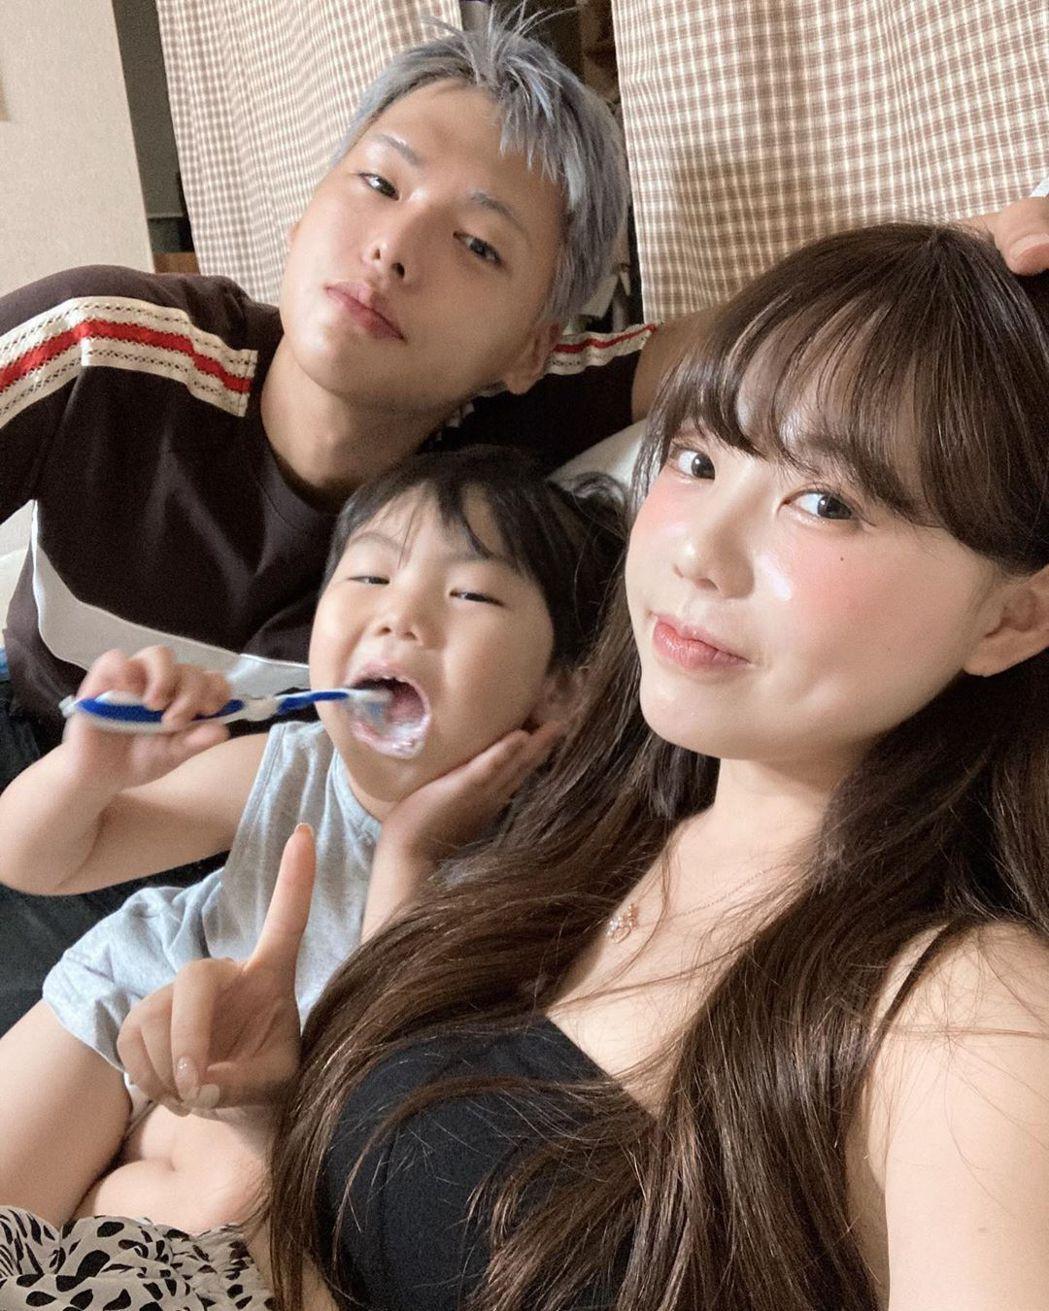 28岁洪瑛琦已婚当人母。 图/撷自IG